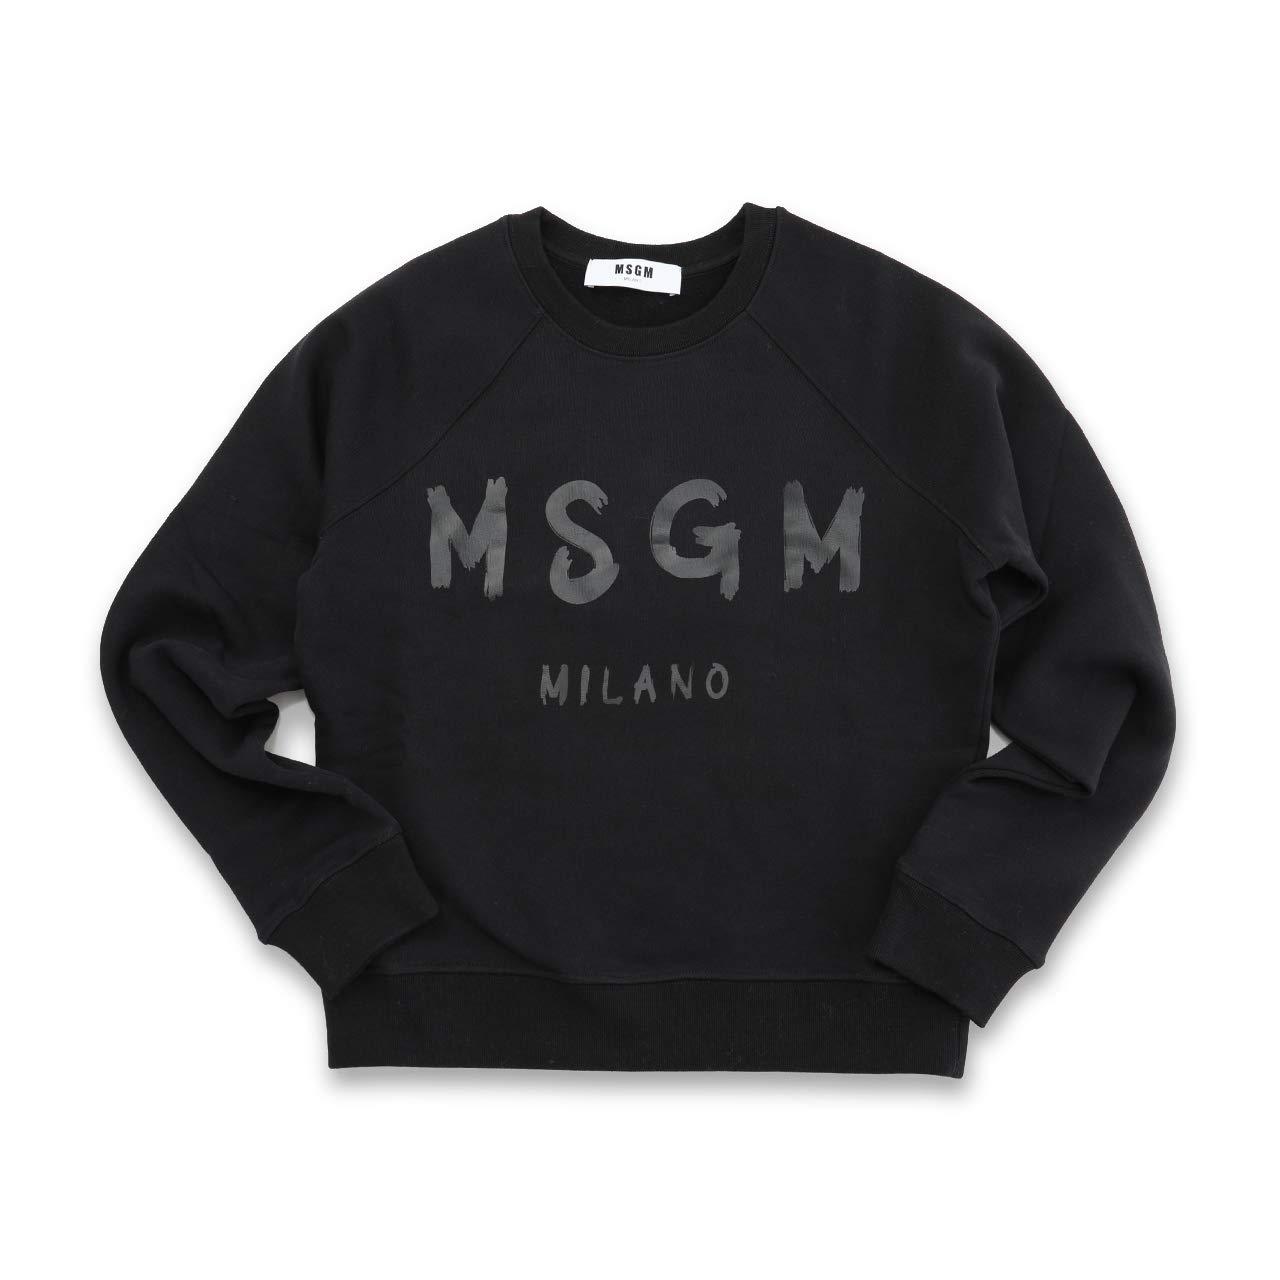 MSGM エムエスジーエム 2541 MDM89 長袖 スウェット スエット トレーナー ロゴ 裏起毛 カラー01/ホワイト [並行輸入品] B07GBVRZ82 XS|99/ブラック 99/ブラック XS